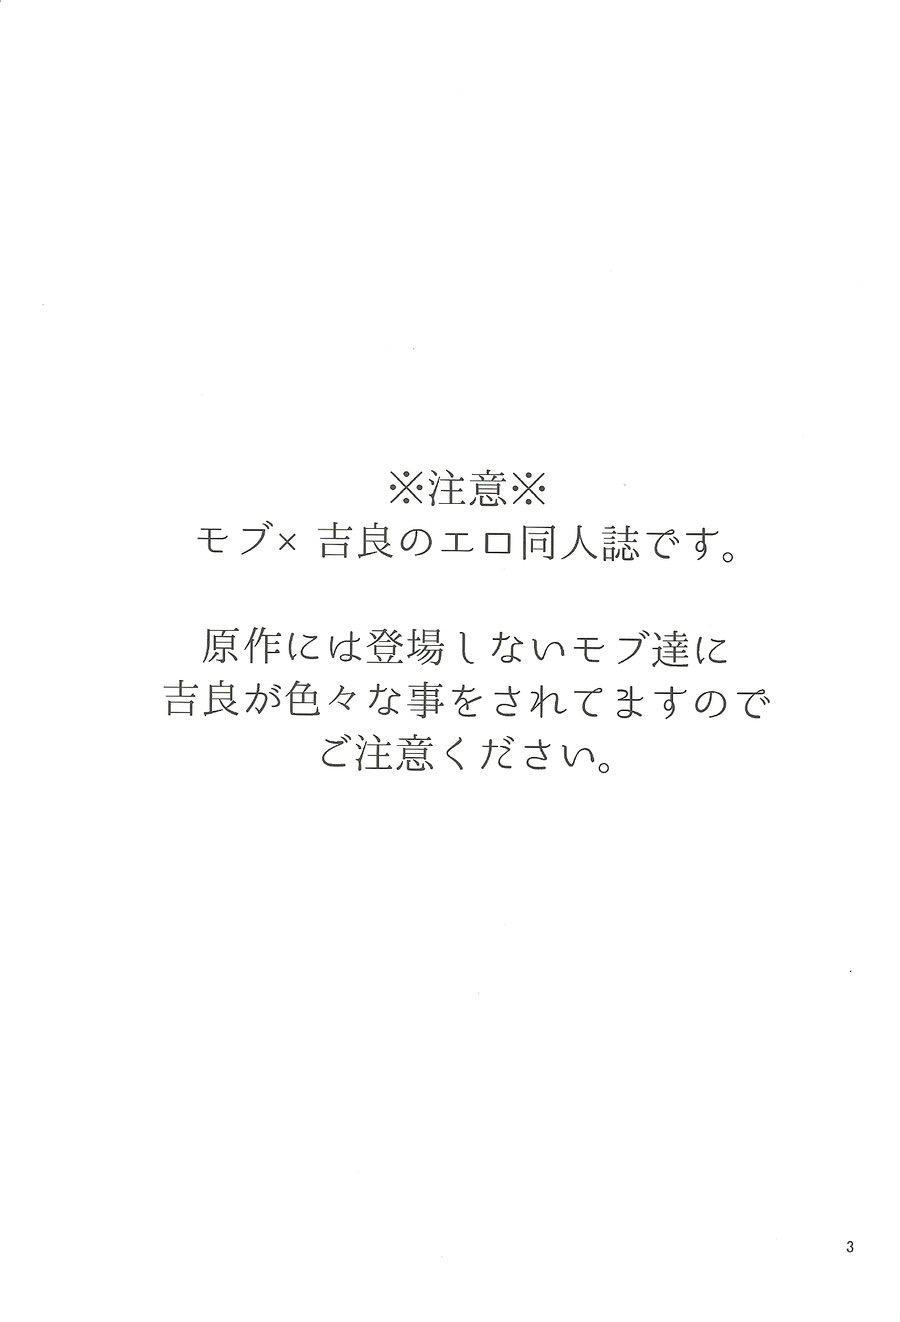 (C86) [Last Crime (U)] Jimoto de Itazura 4-renpatsu! Mori○chou de Mitsuketa S-kyuu Ryman Kira Yoshikage (33) (JoJo's Bizarre Adventure) [Chinese] [新桥月白日语社] 1